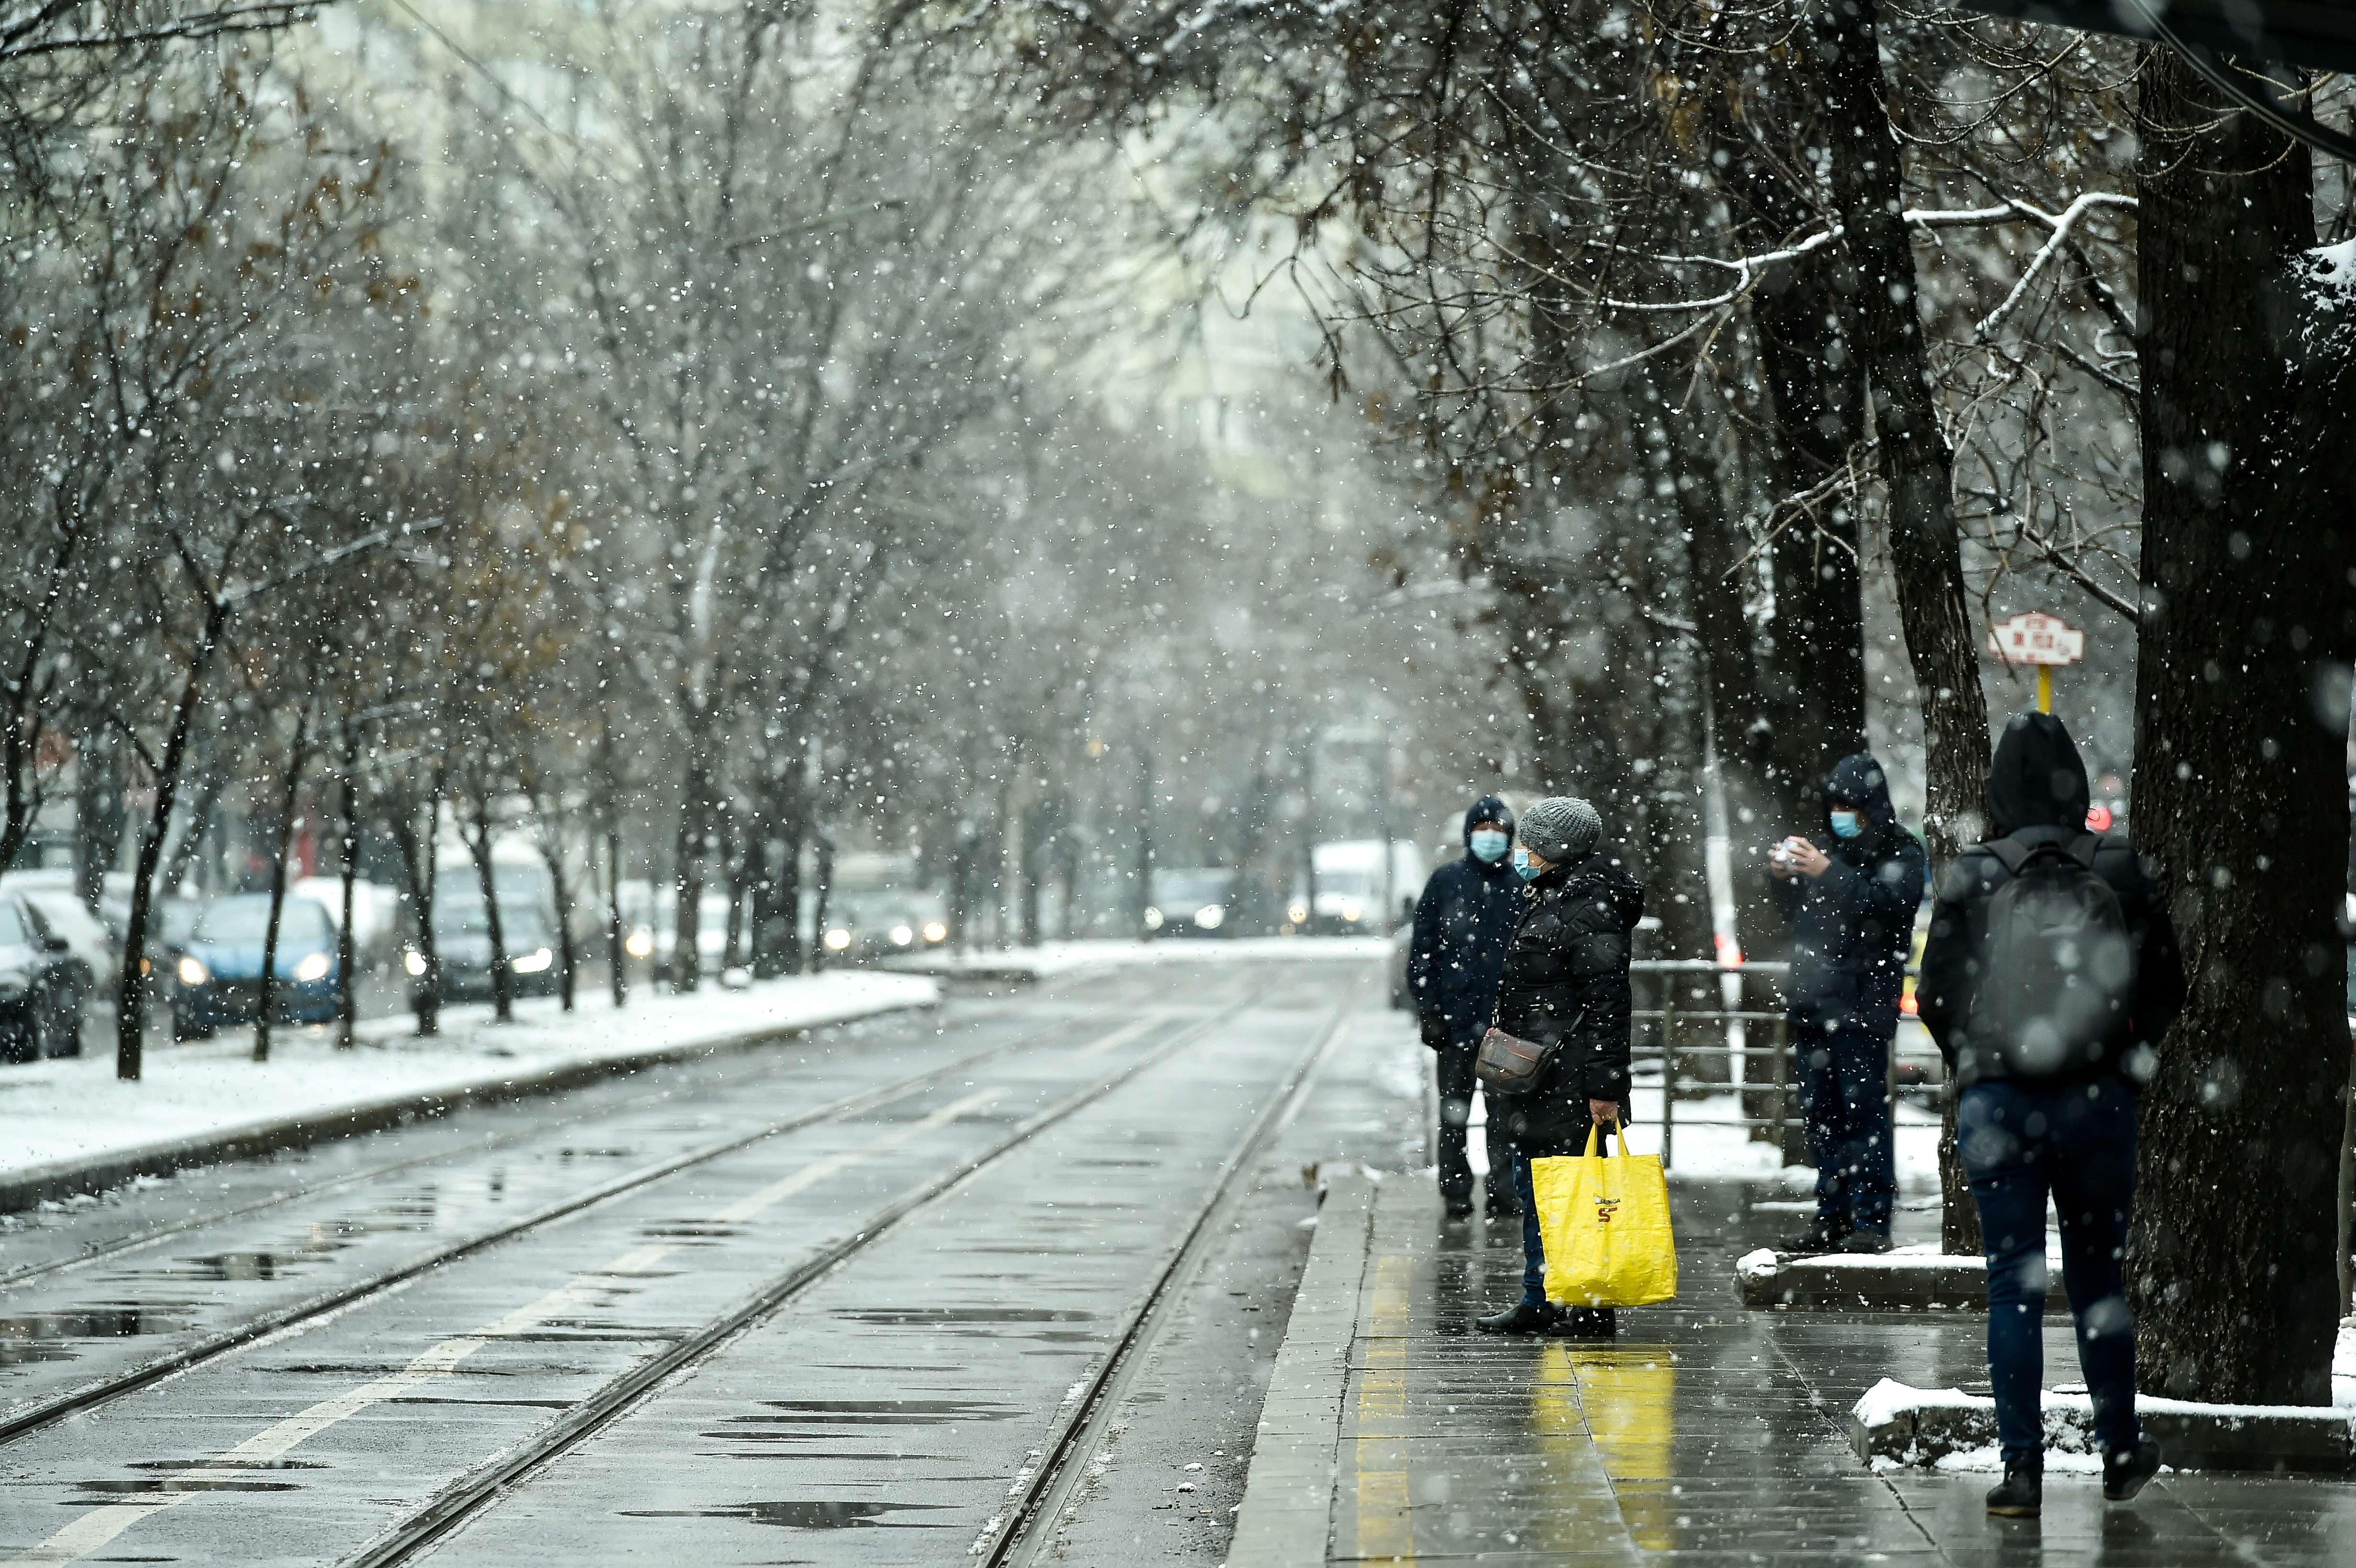 Nu scăpăm de iarna întârziată: Frig și temperaturi negative în toată țara. Zonele în care vor fi ninsori